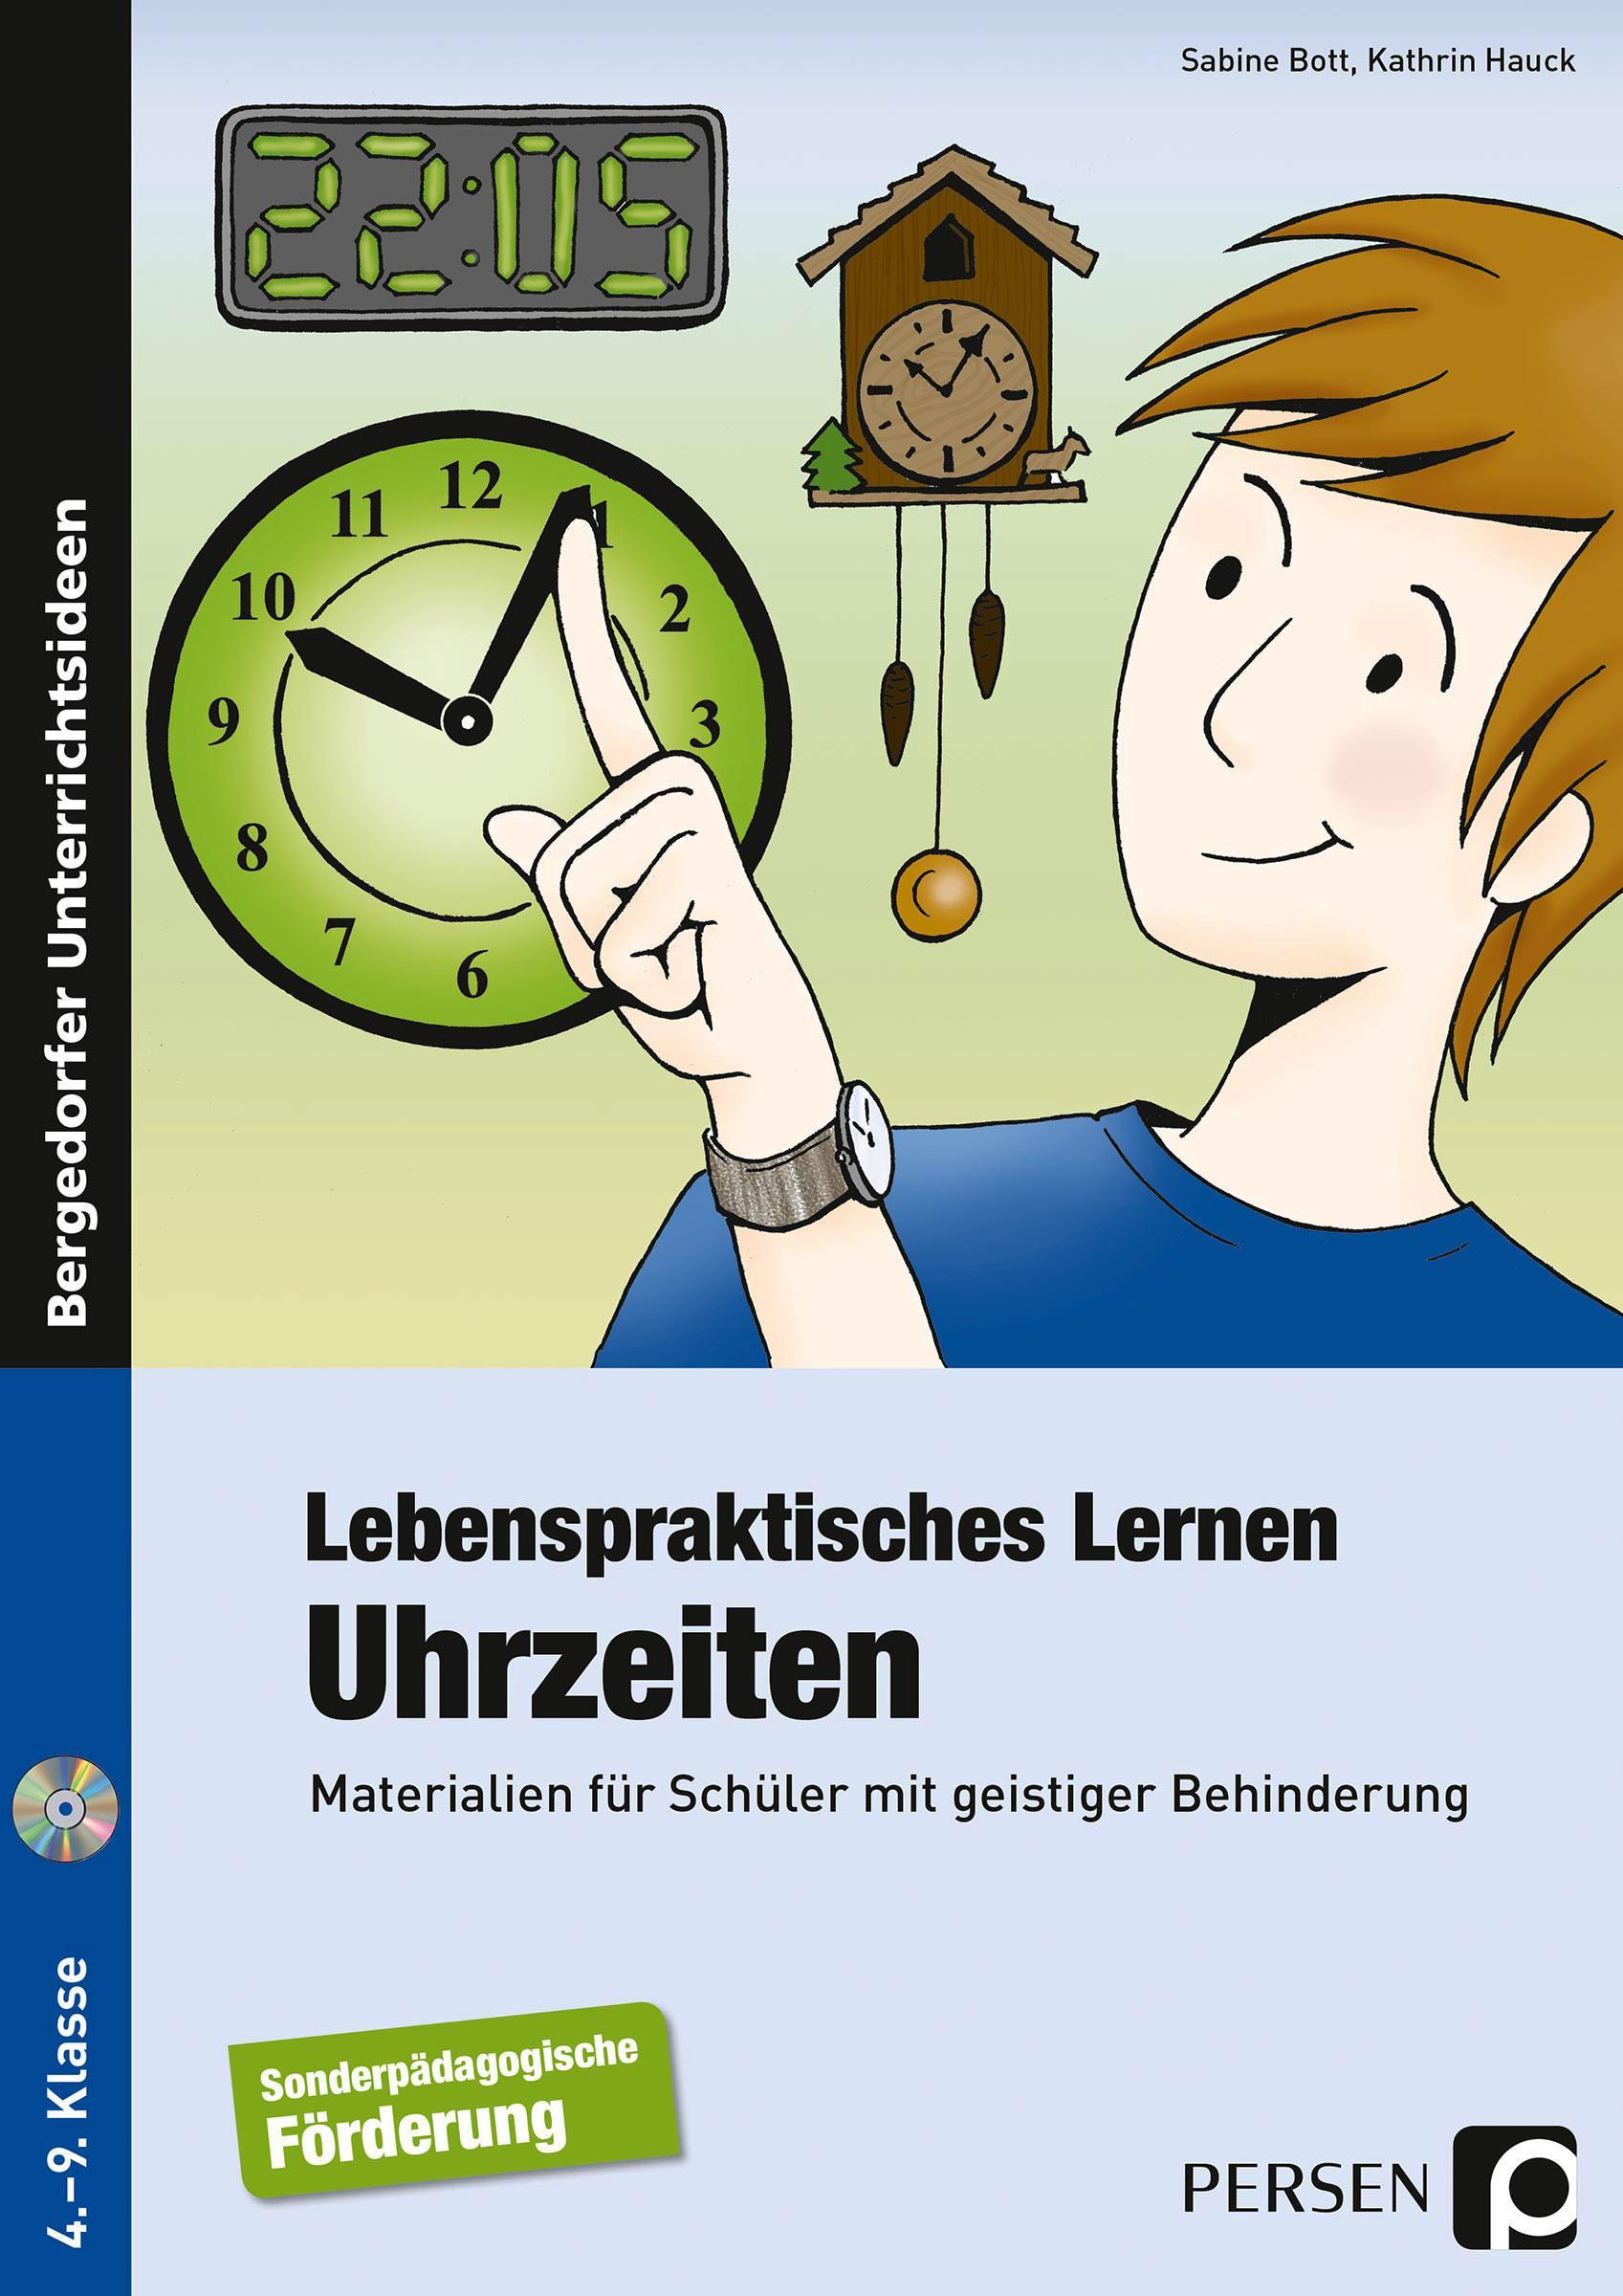 Lebenspraktisches Lernen: Uhrzeiten, Sabine Bott